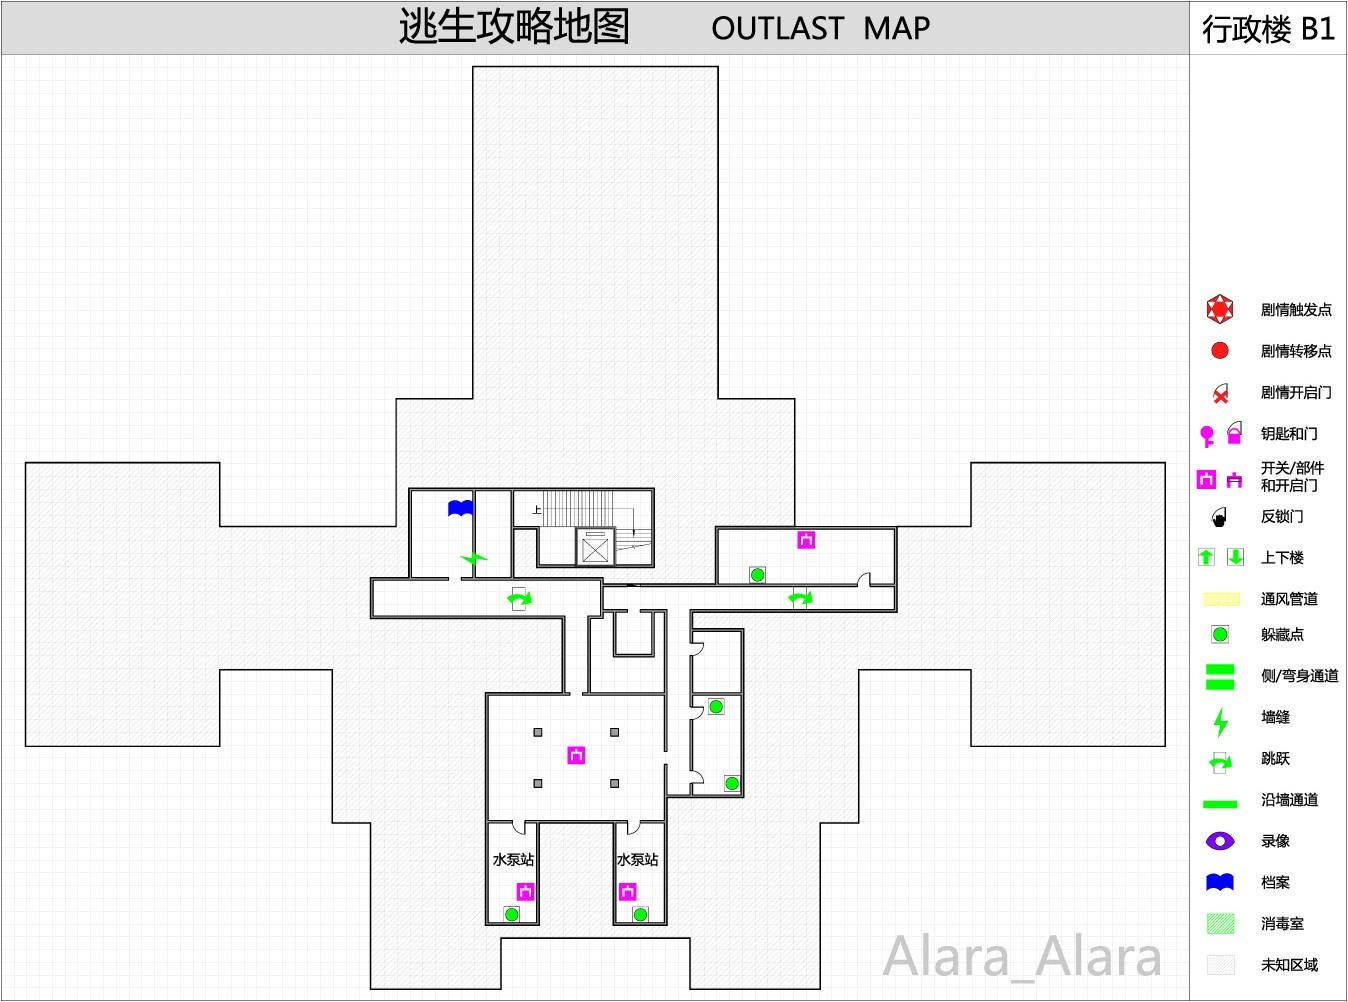 【游戏Outlast】攻略攻略仙光逃生橙寻地图图片